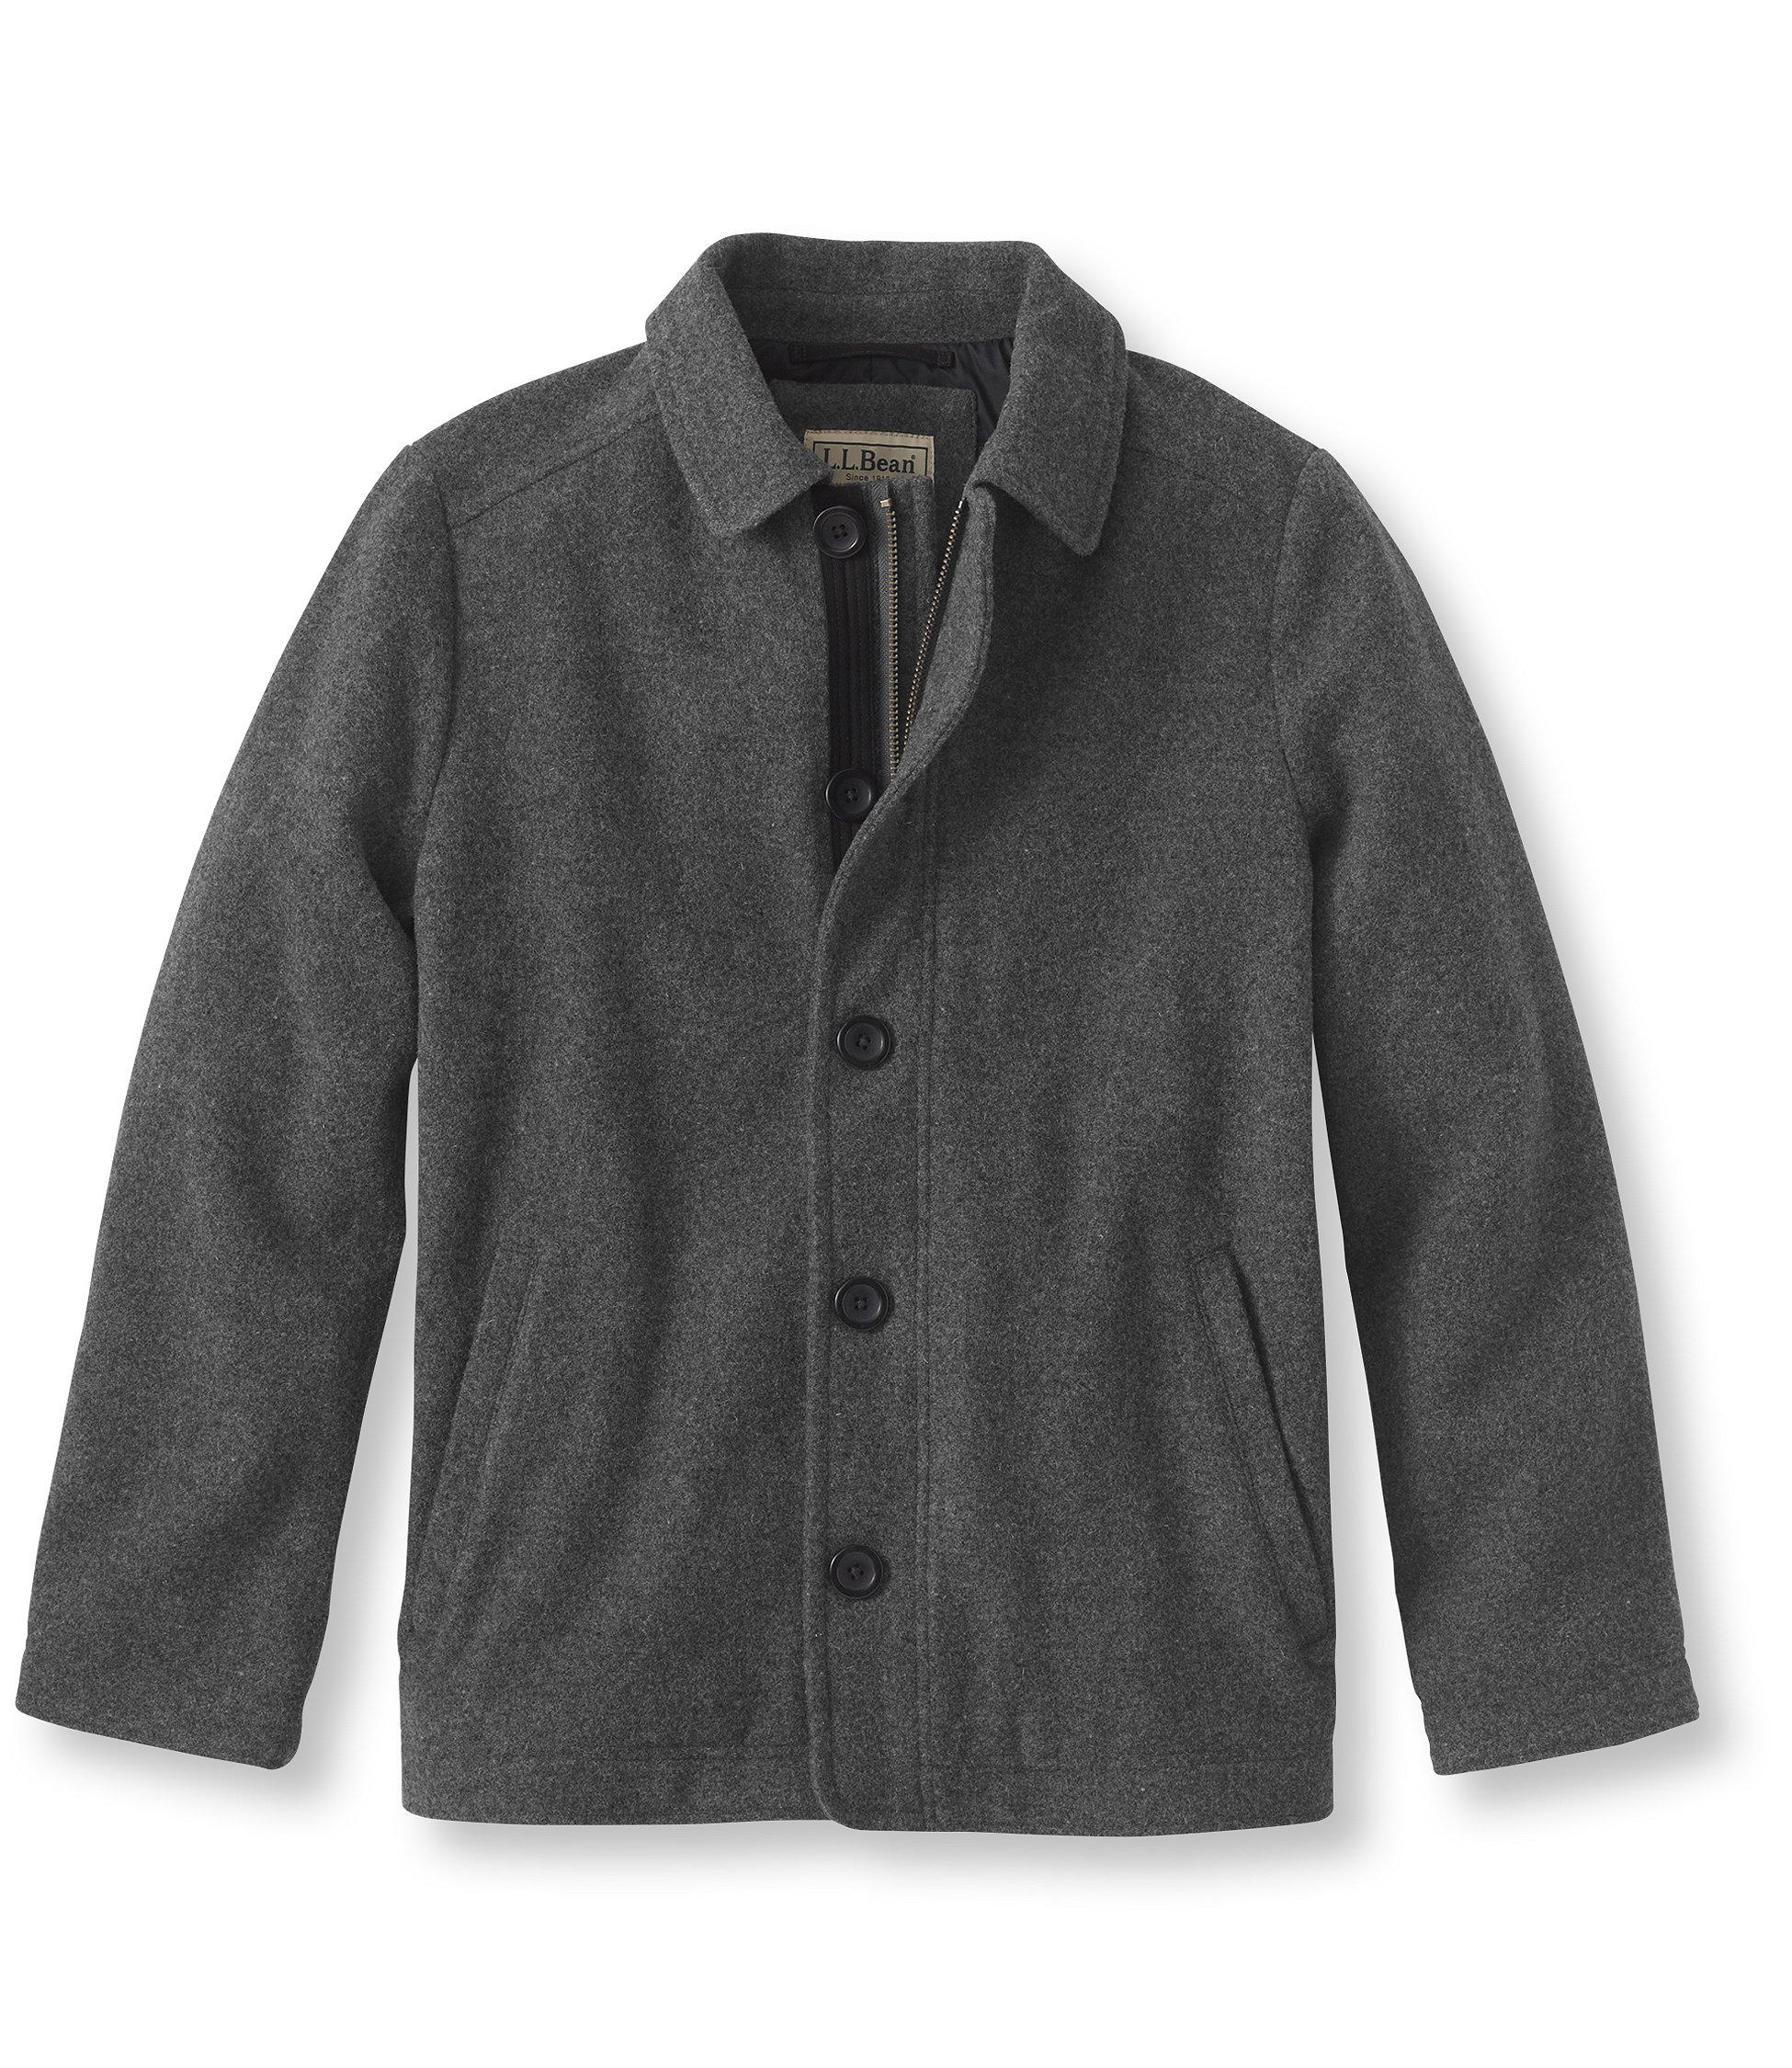 L.L.Bean Wool Jacket